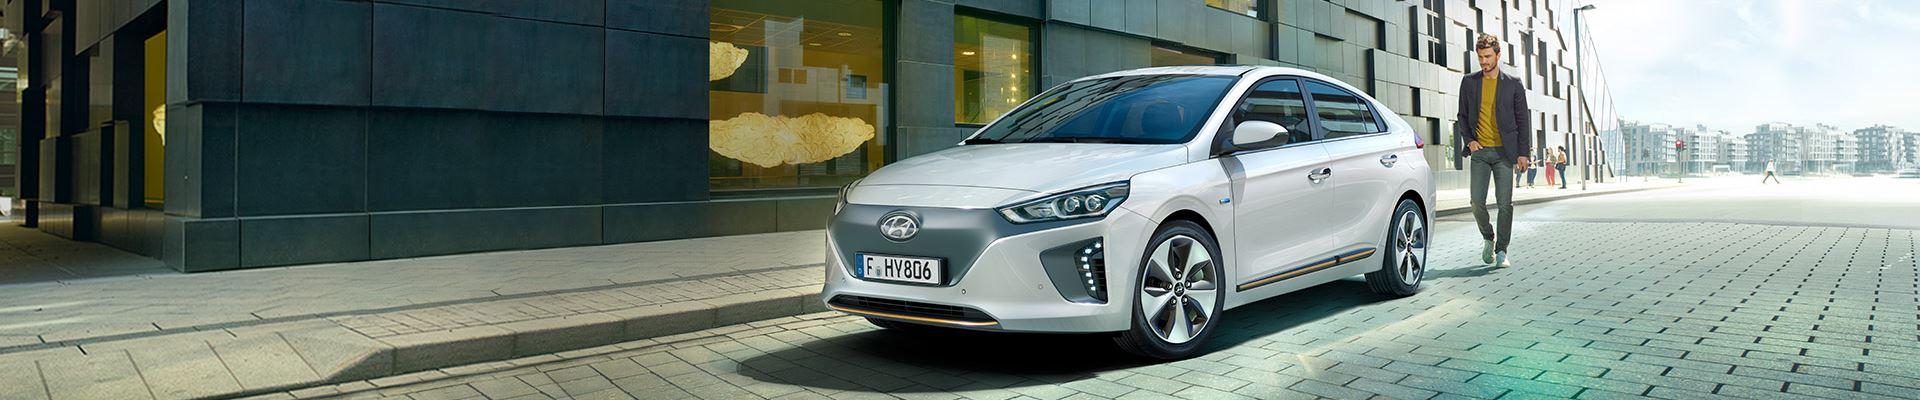 Villanyautó, furcsaságok nélkül: Hyundai Ioniq Electric